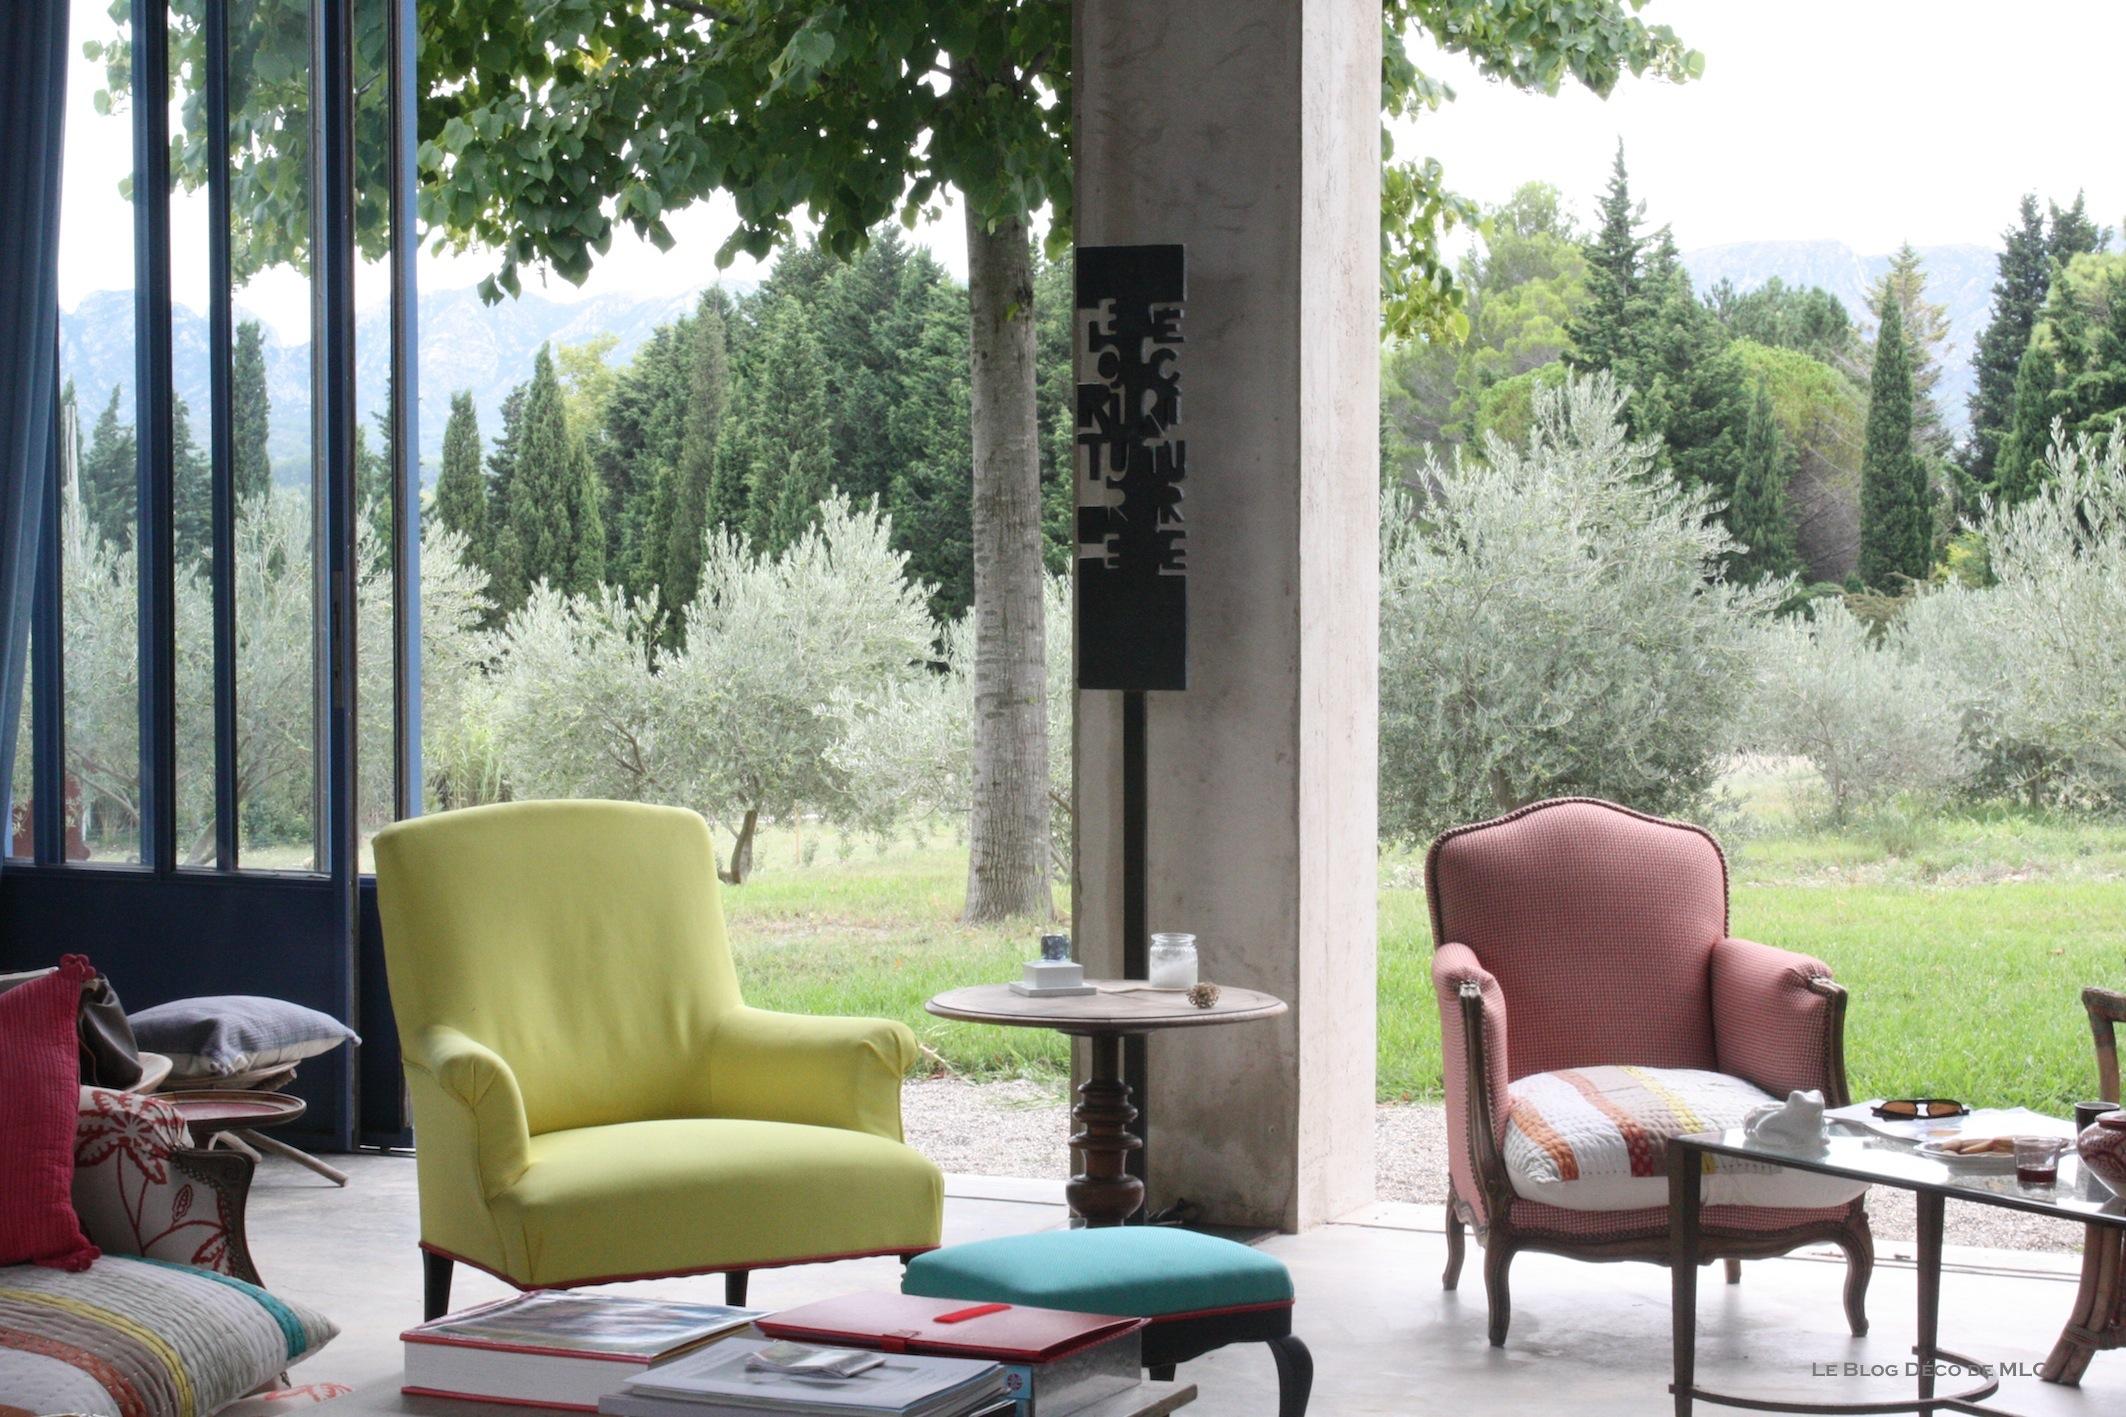 Provence archives le blog d co de mlc - Maison couleur provence ...